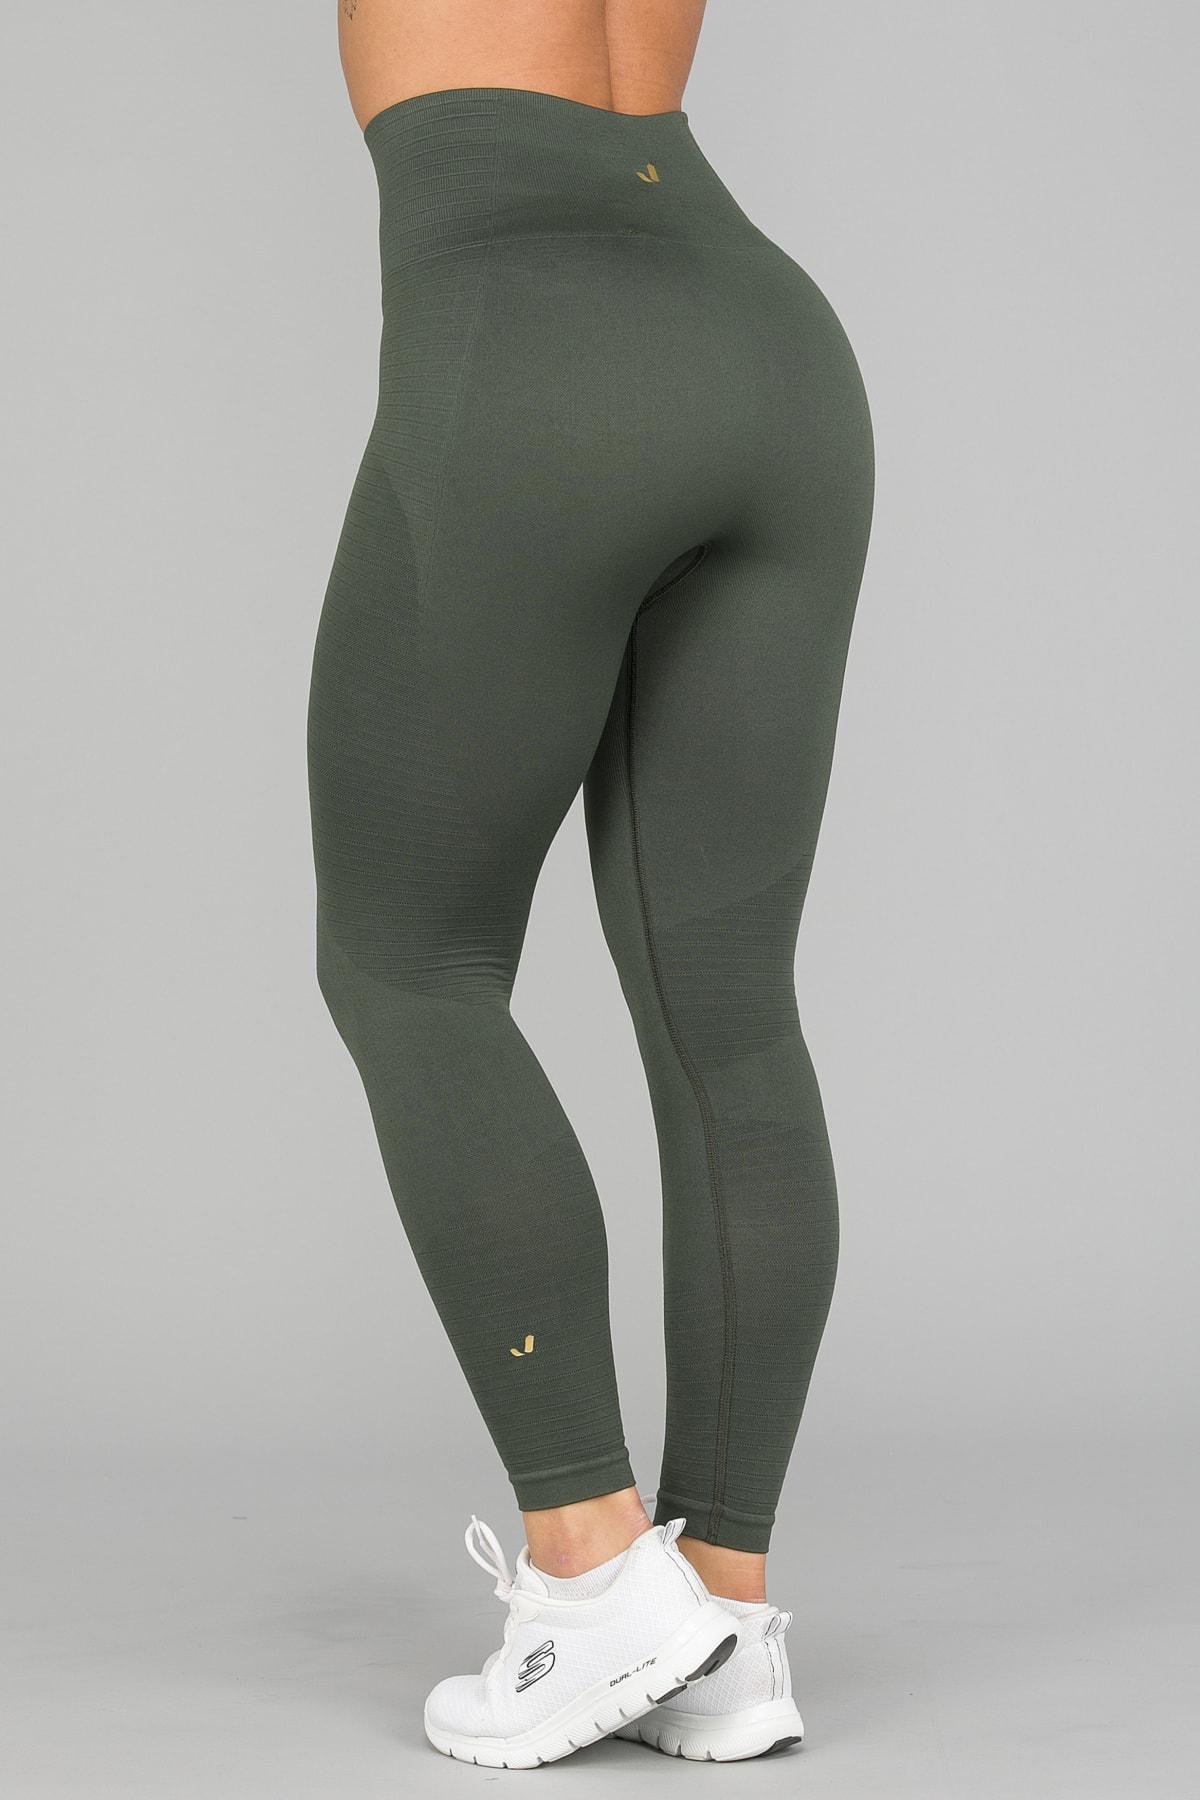 Jerf Gela 2.0 tights dark green4